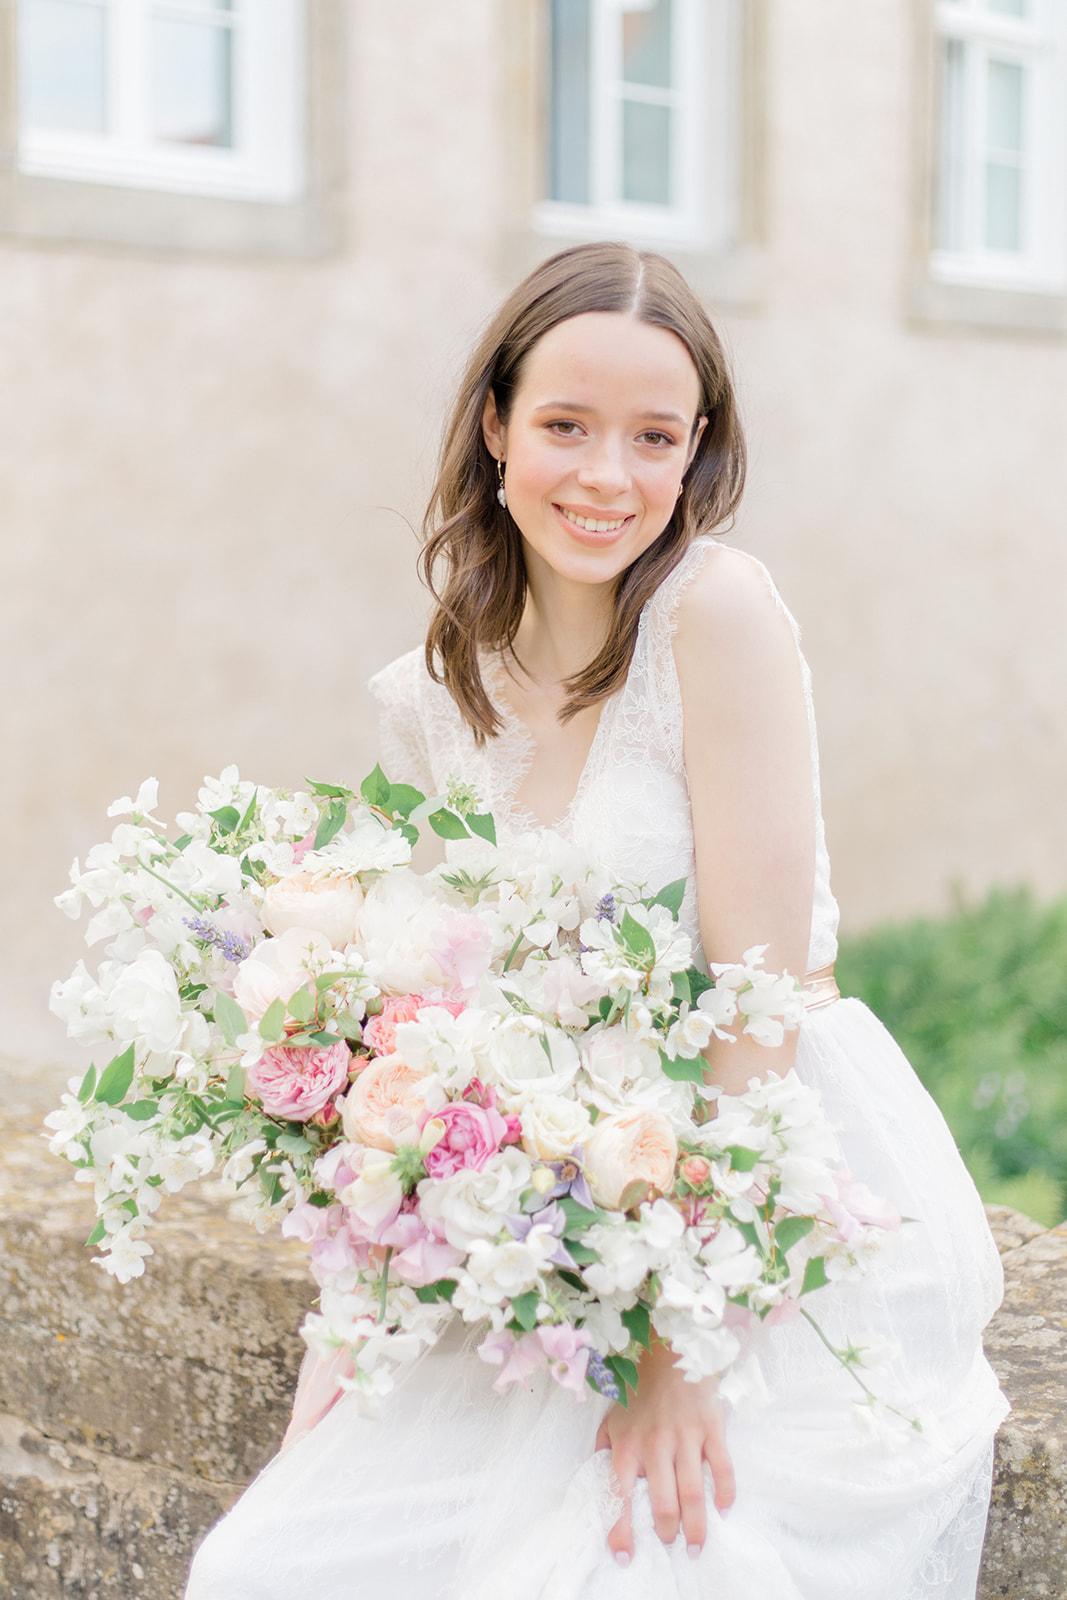 Wedding Inspiration in Castle Von Hammerstein in Germany lush wedding bouquet